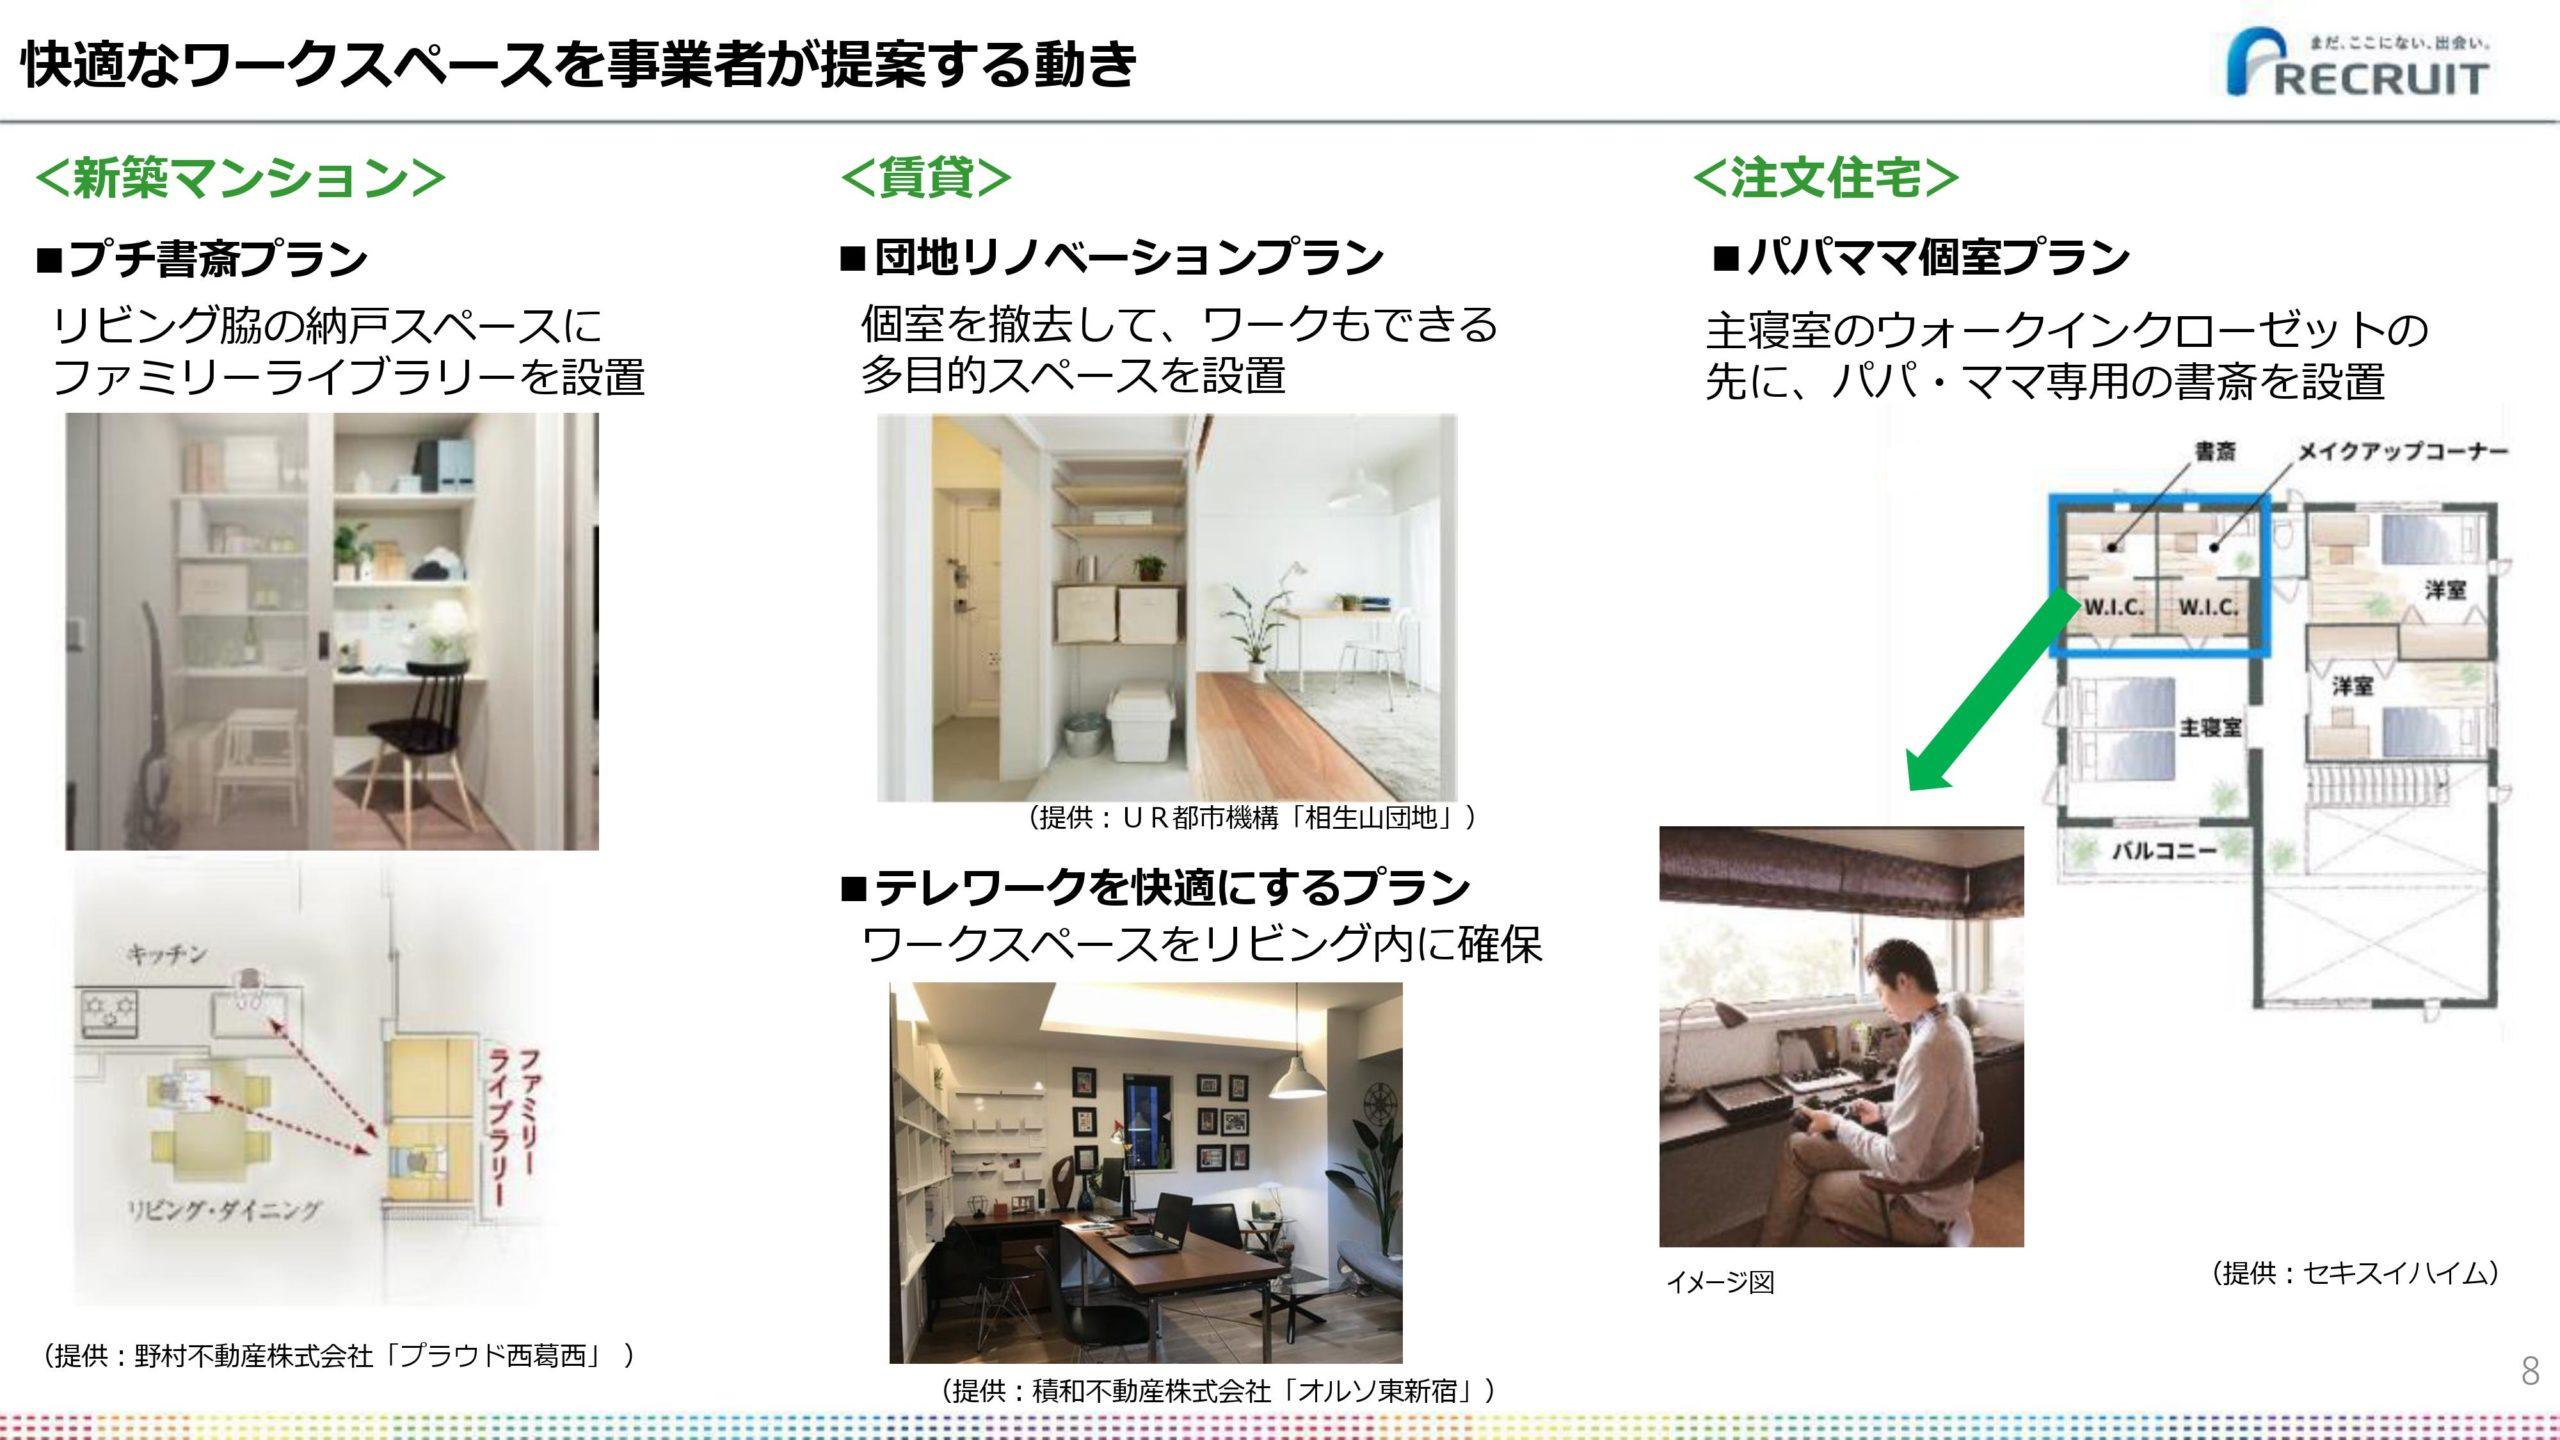 2020年の住まいは、快適なワークスペースを自ら自宅に作る動きと事業者が提案する動き!